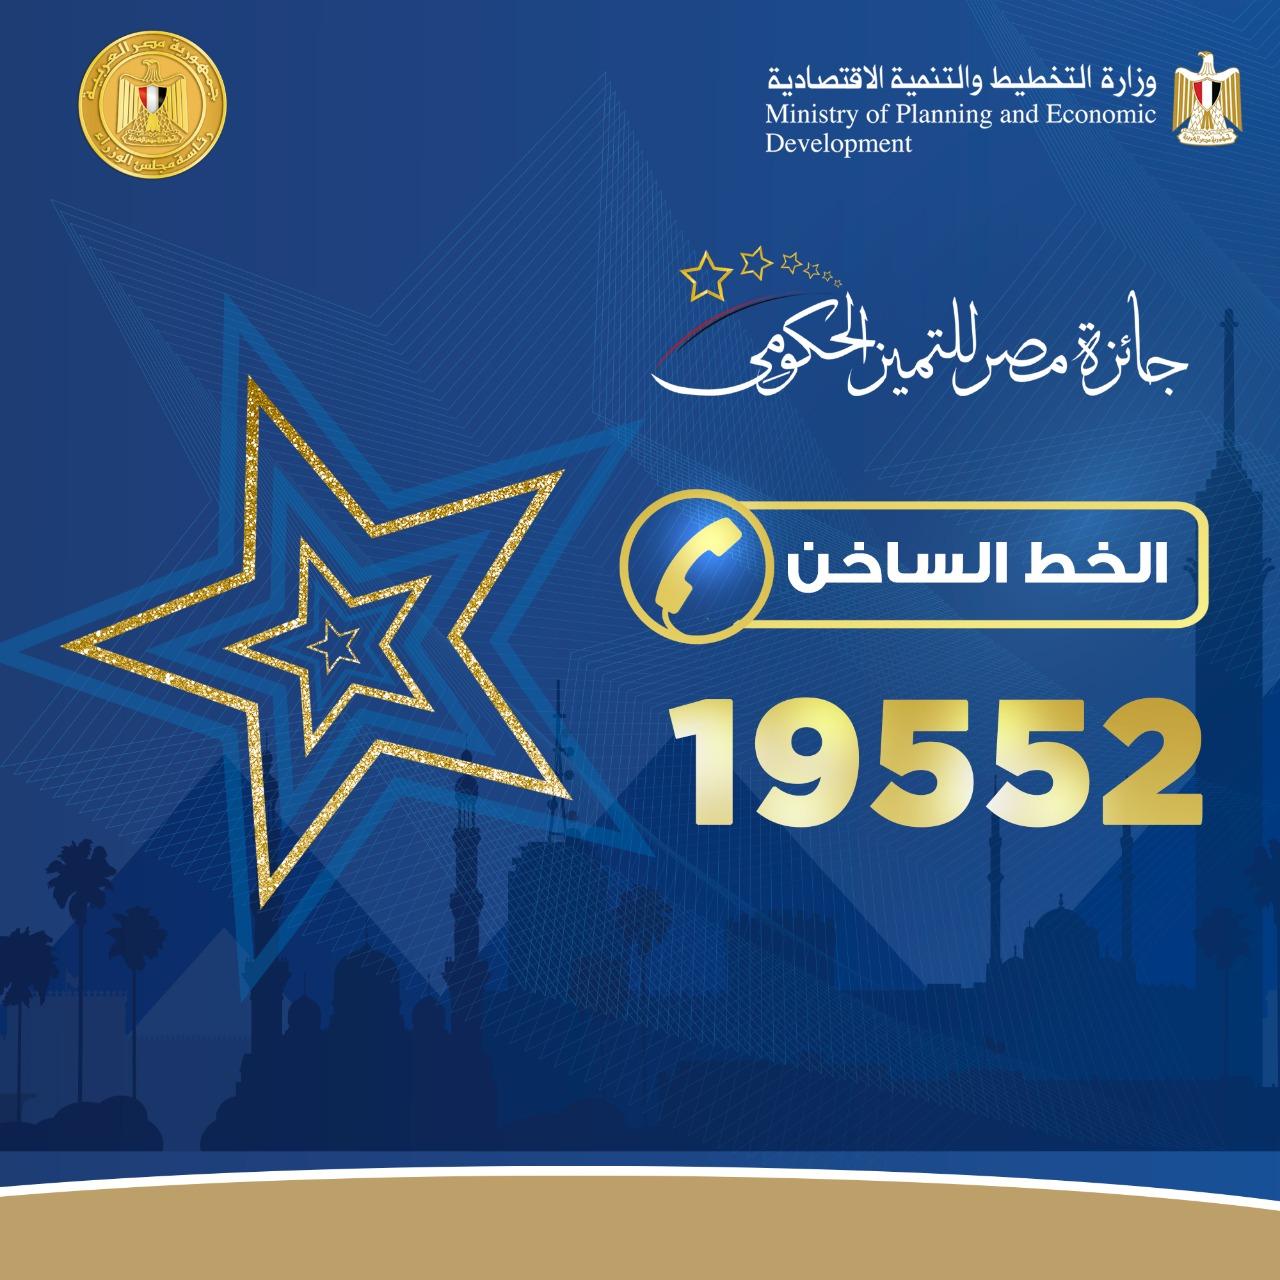 الثلاثاء القادم: إطلاق الخط الساخن 19552 للرد على الاستفسارات وتلقي الشكاوى والمقترحات المتعلقة بجائزة مصر للتميز الحكومي